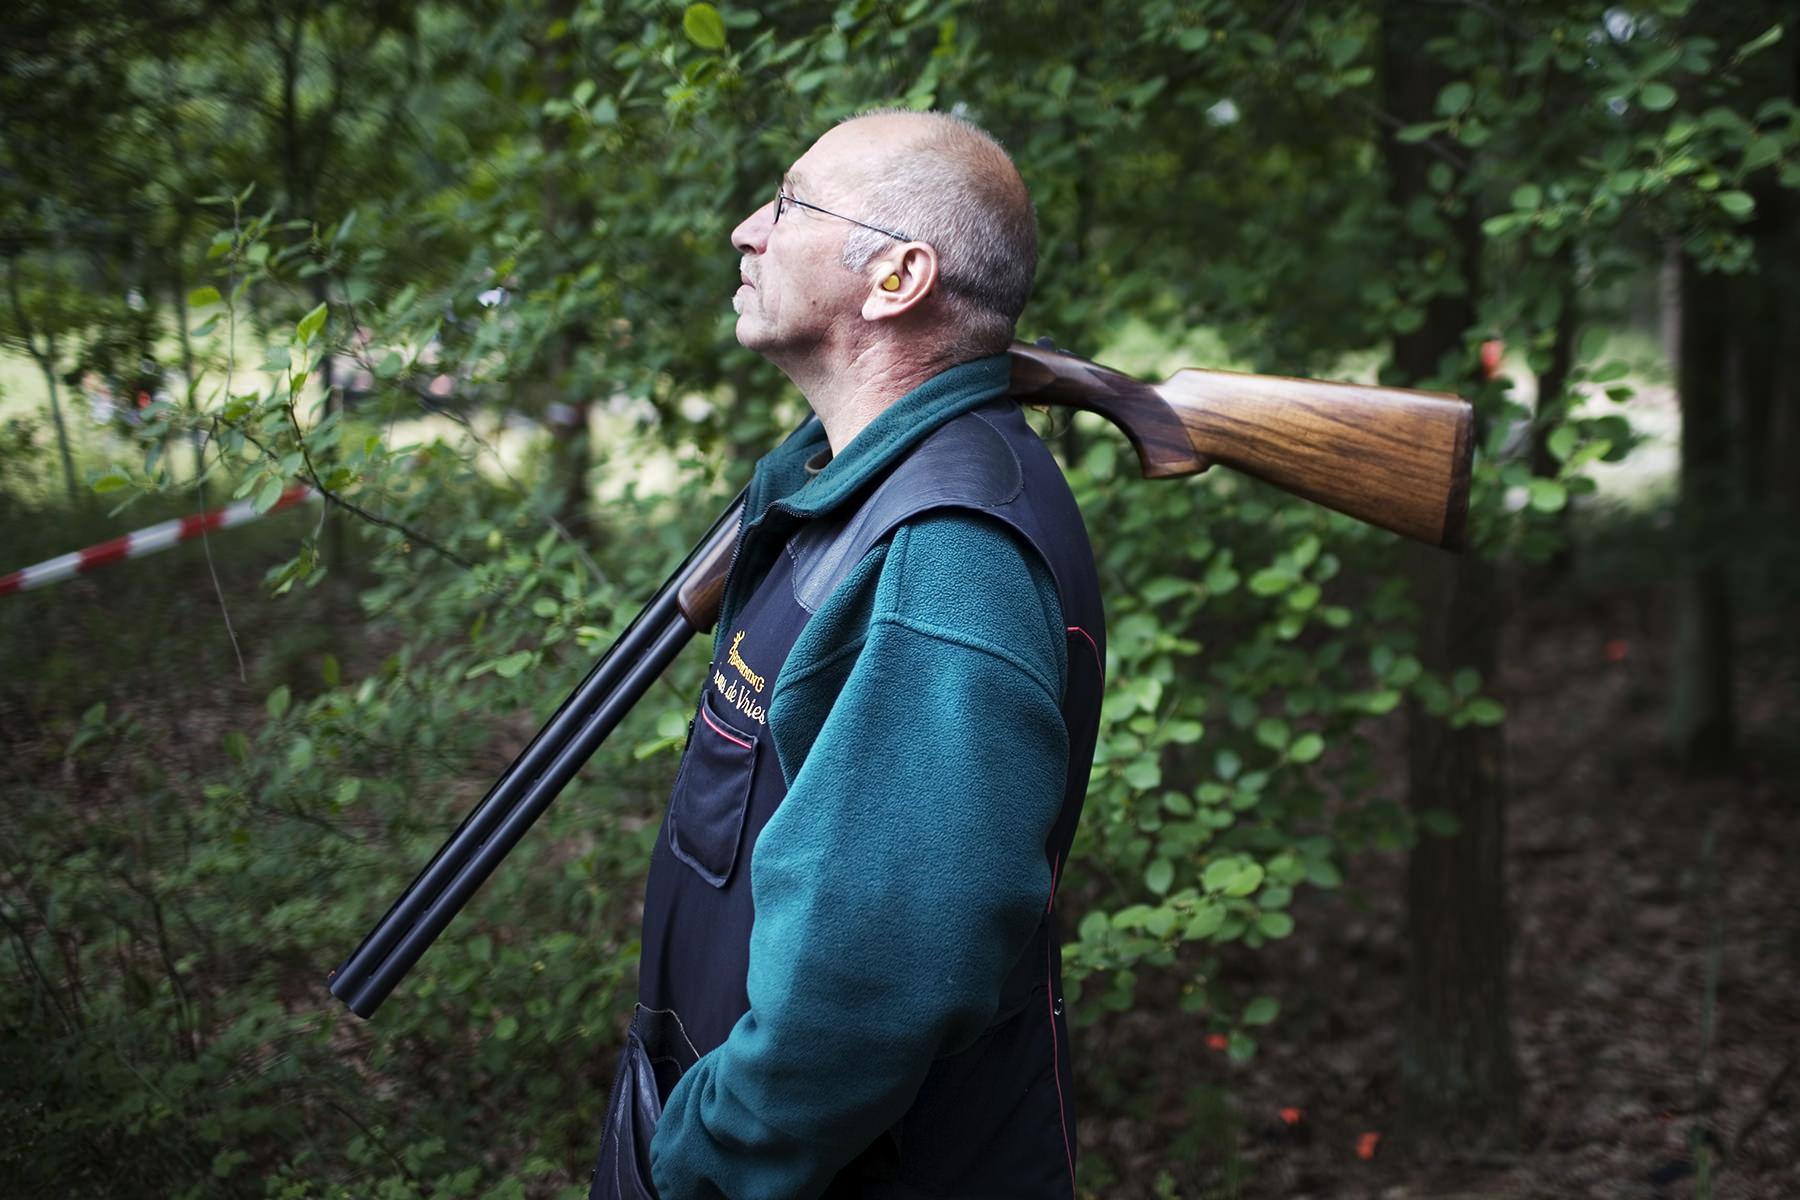 Fotograaf Groningen - Mannen en hun hobby's, kleiduifschieten